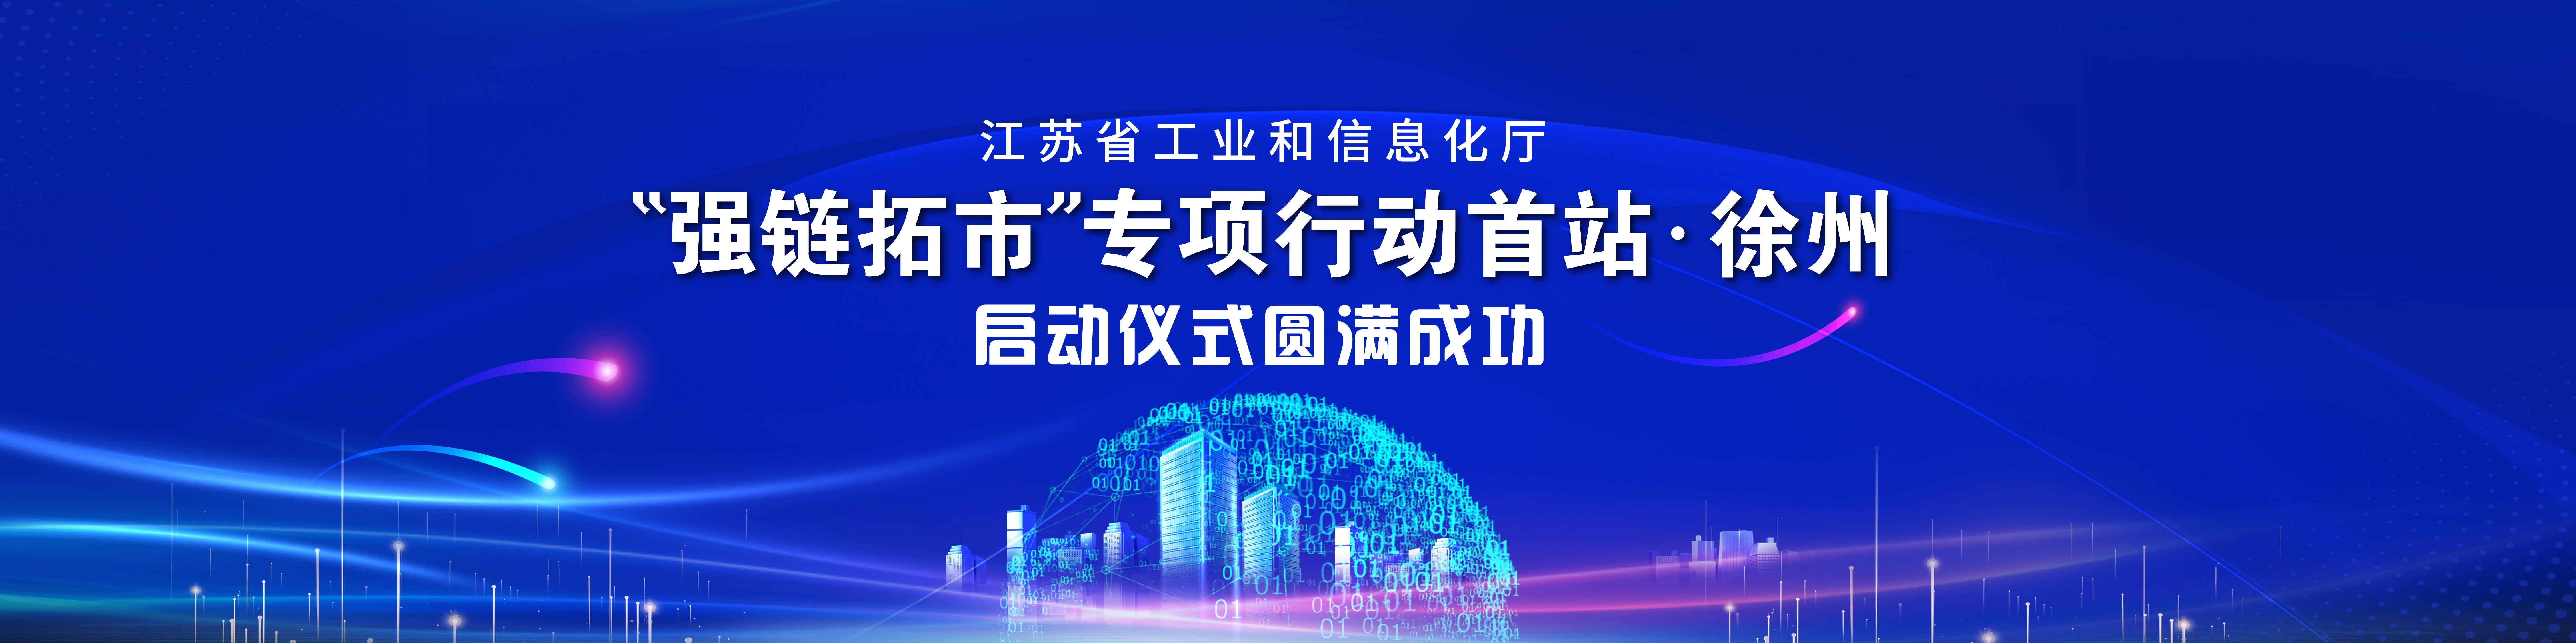 强链拓市,徐州首战